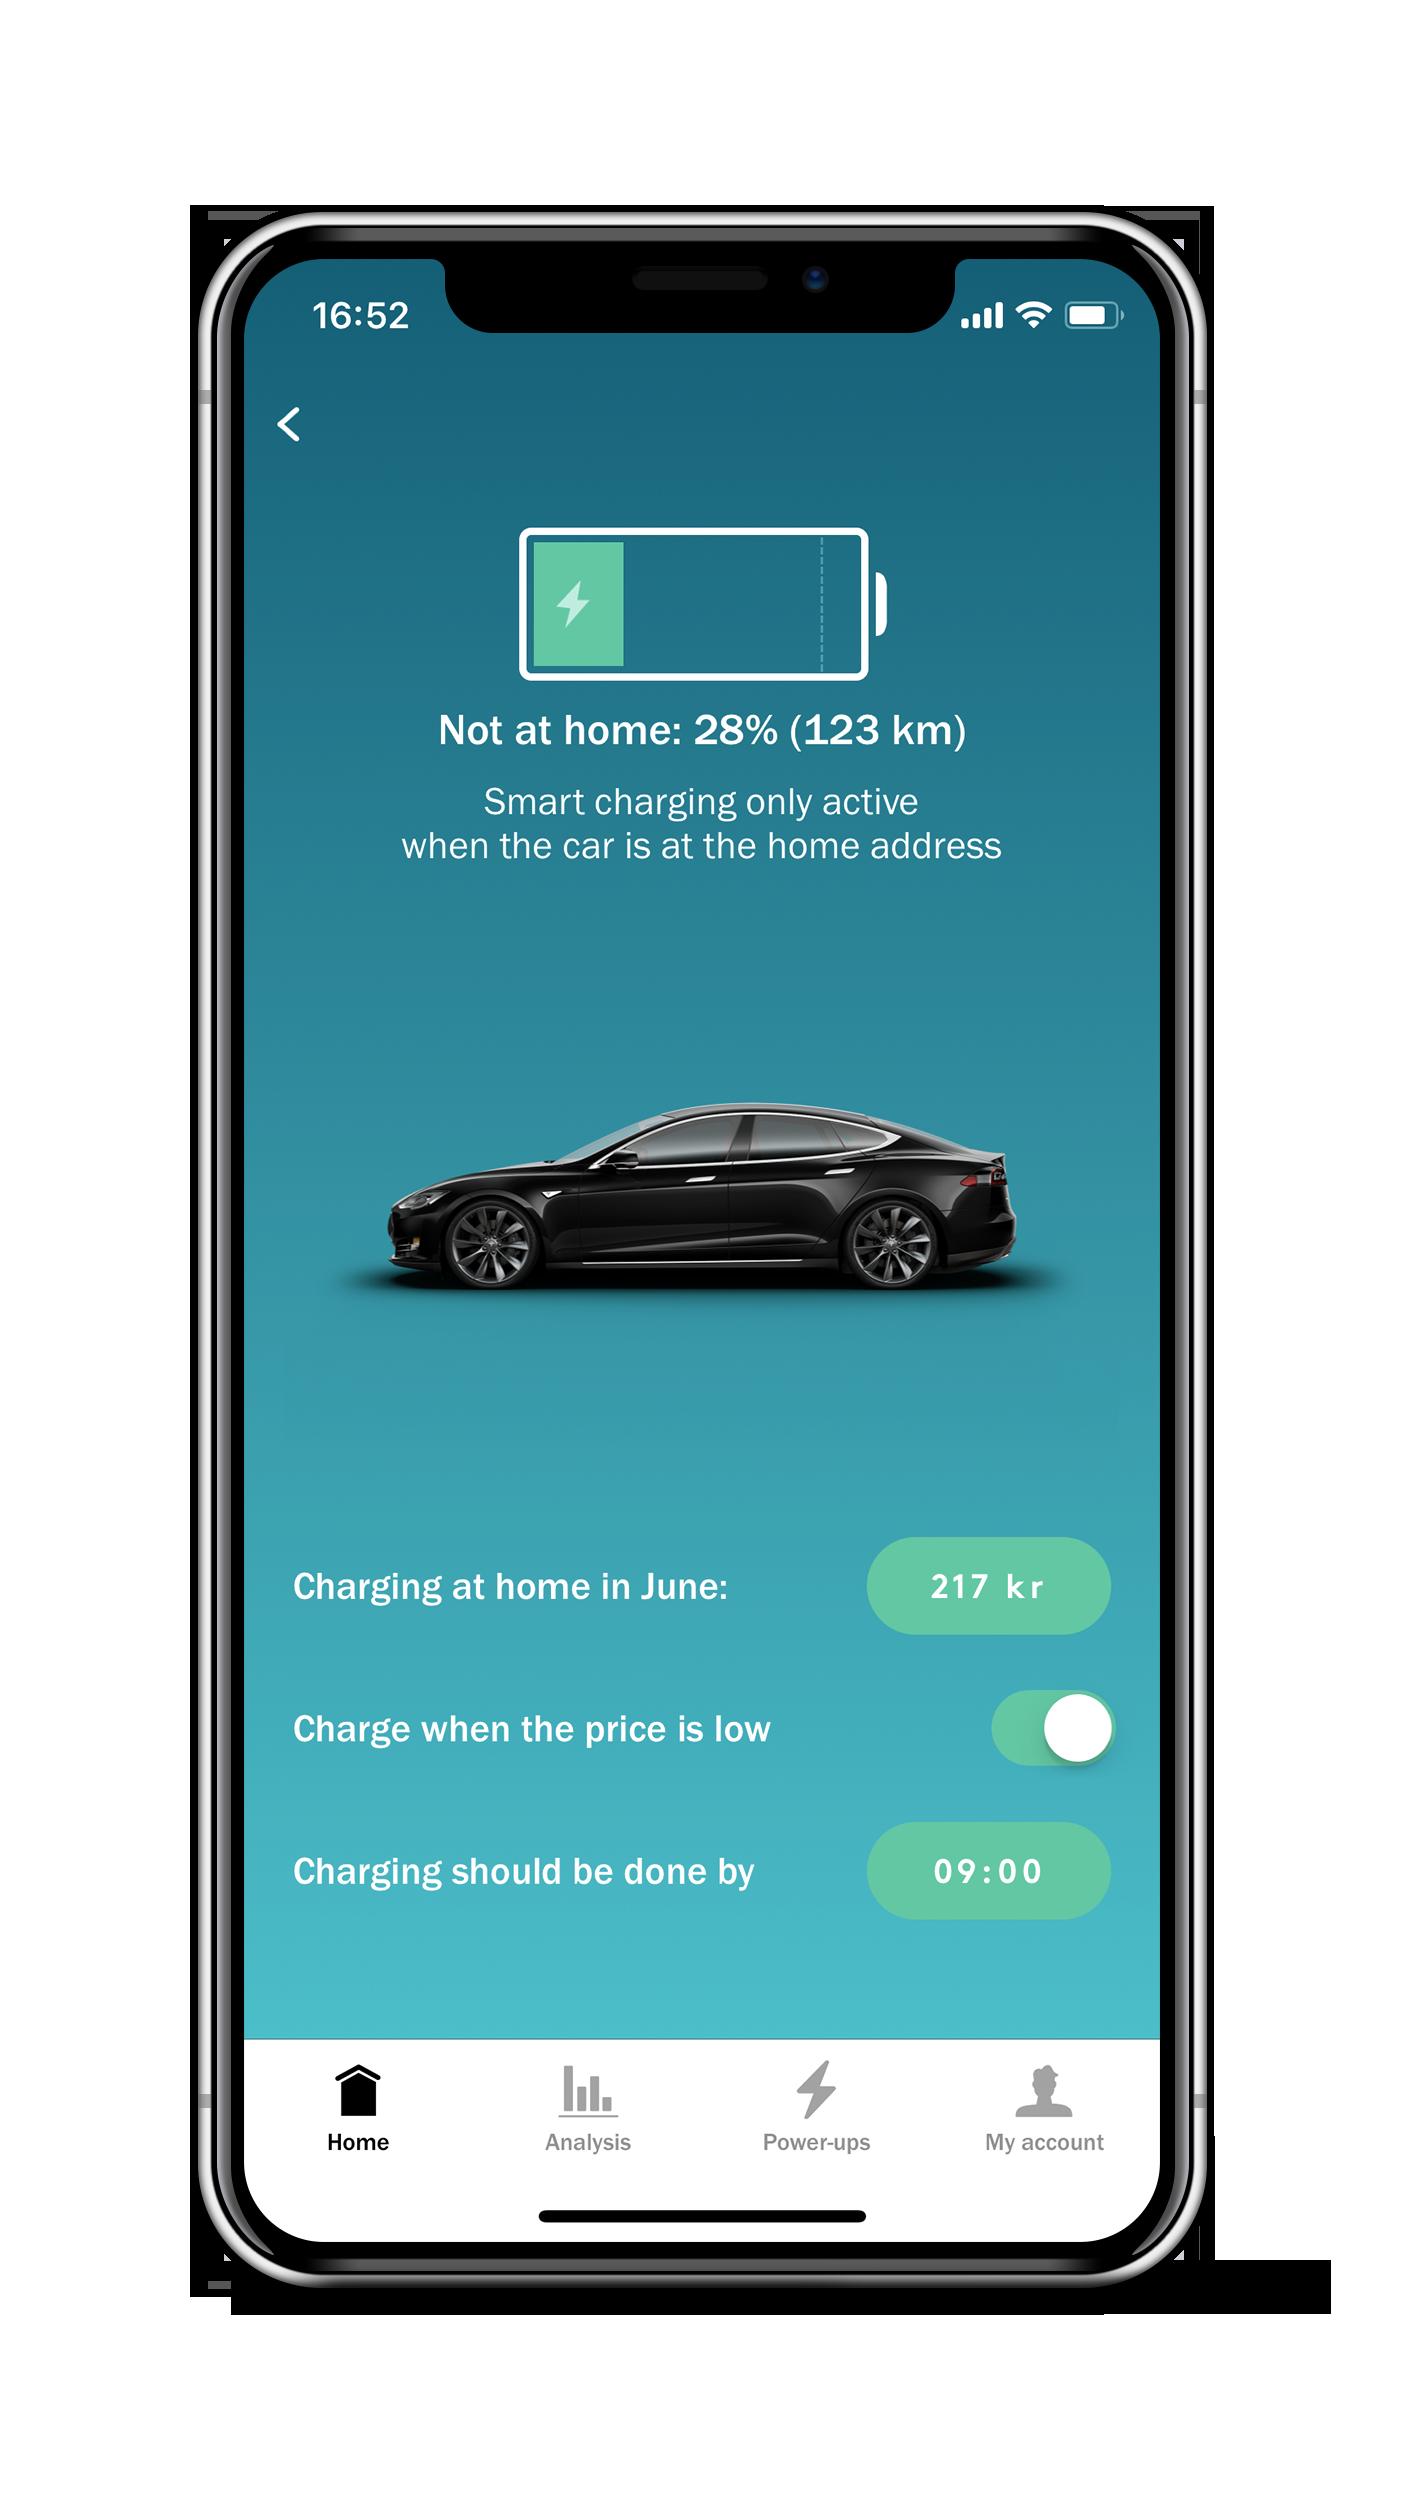 Tibber-appen gir kontroll over ladingen, og du kan aktivere og deaktivere smartlading ved behov.